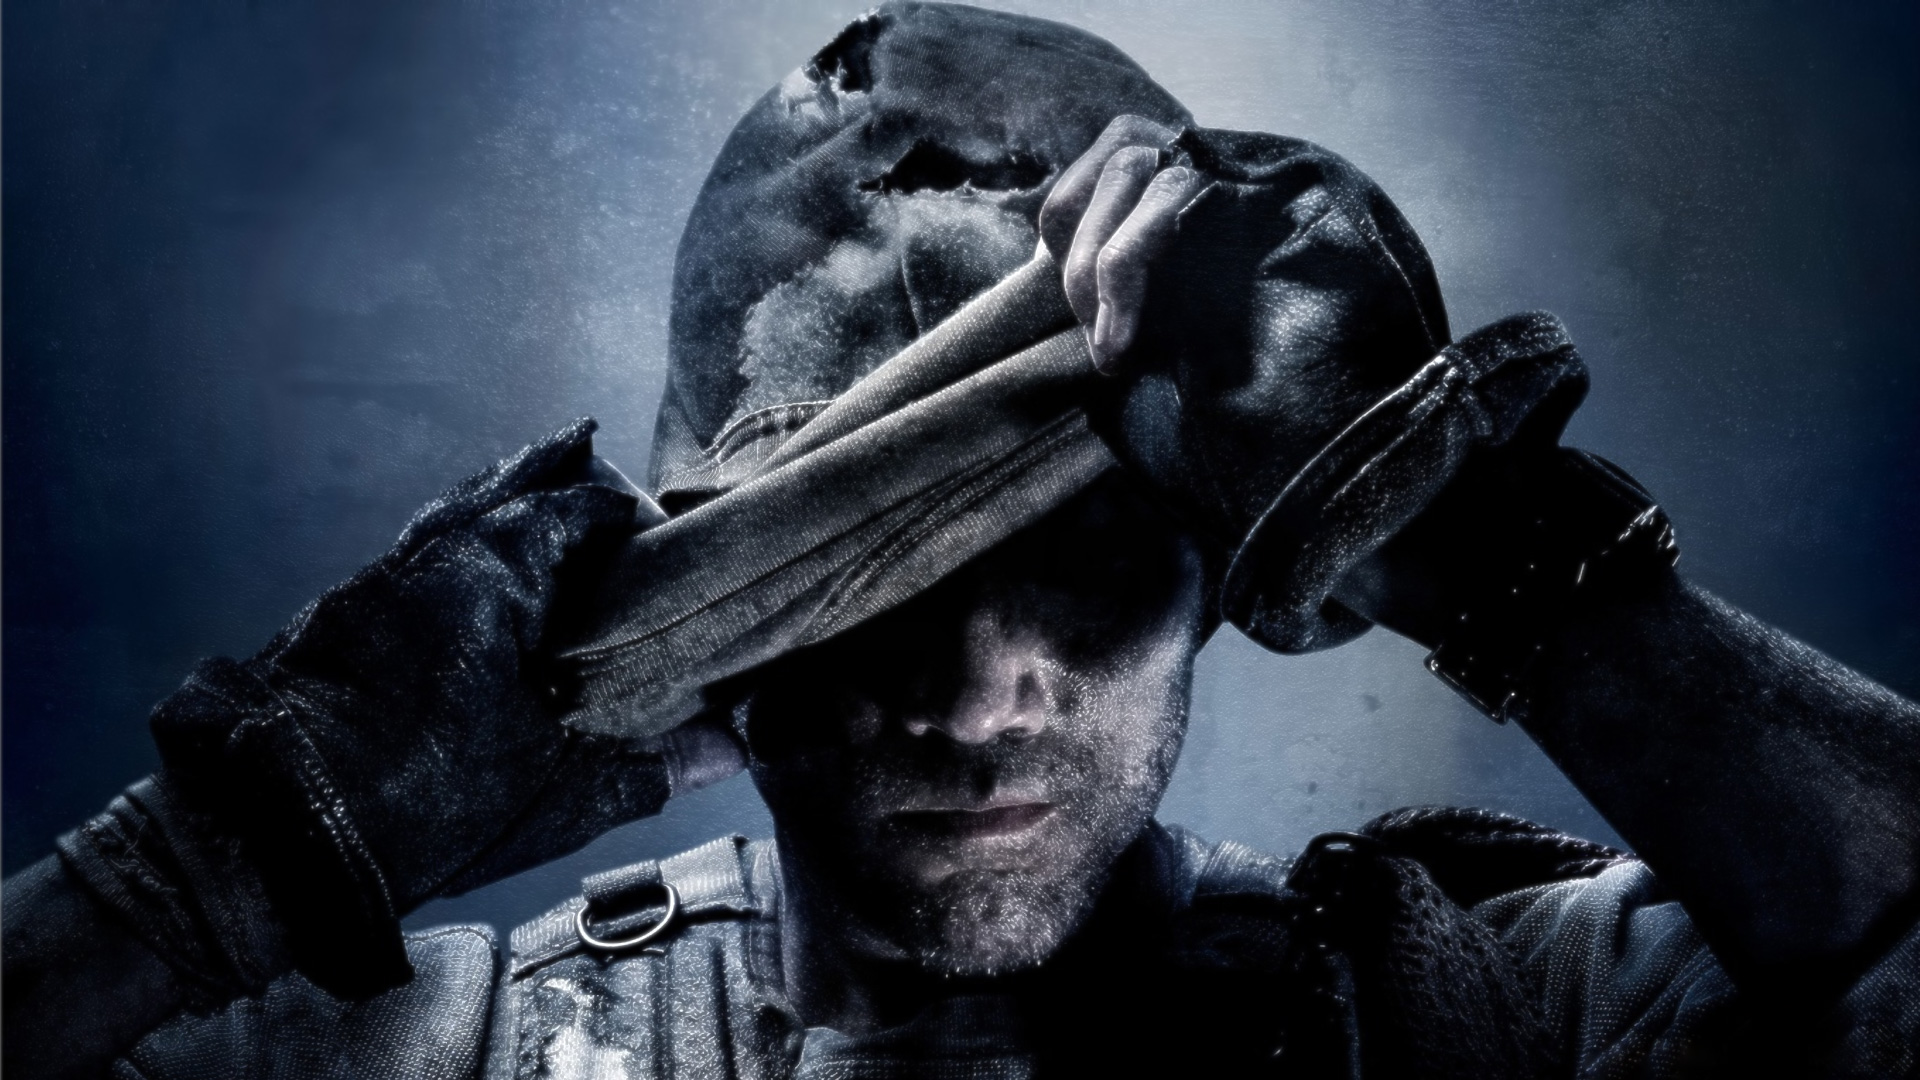 Call Of Duty Ghost Wallpaper - WallpaperSafari